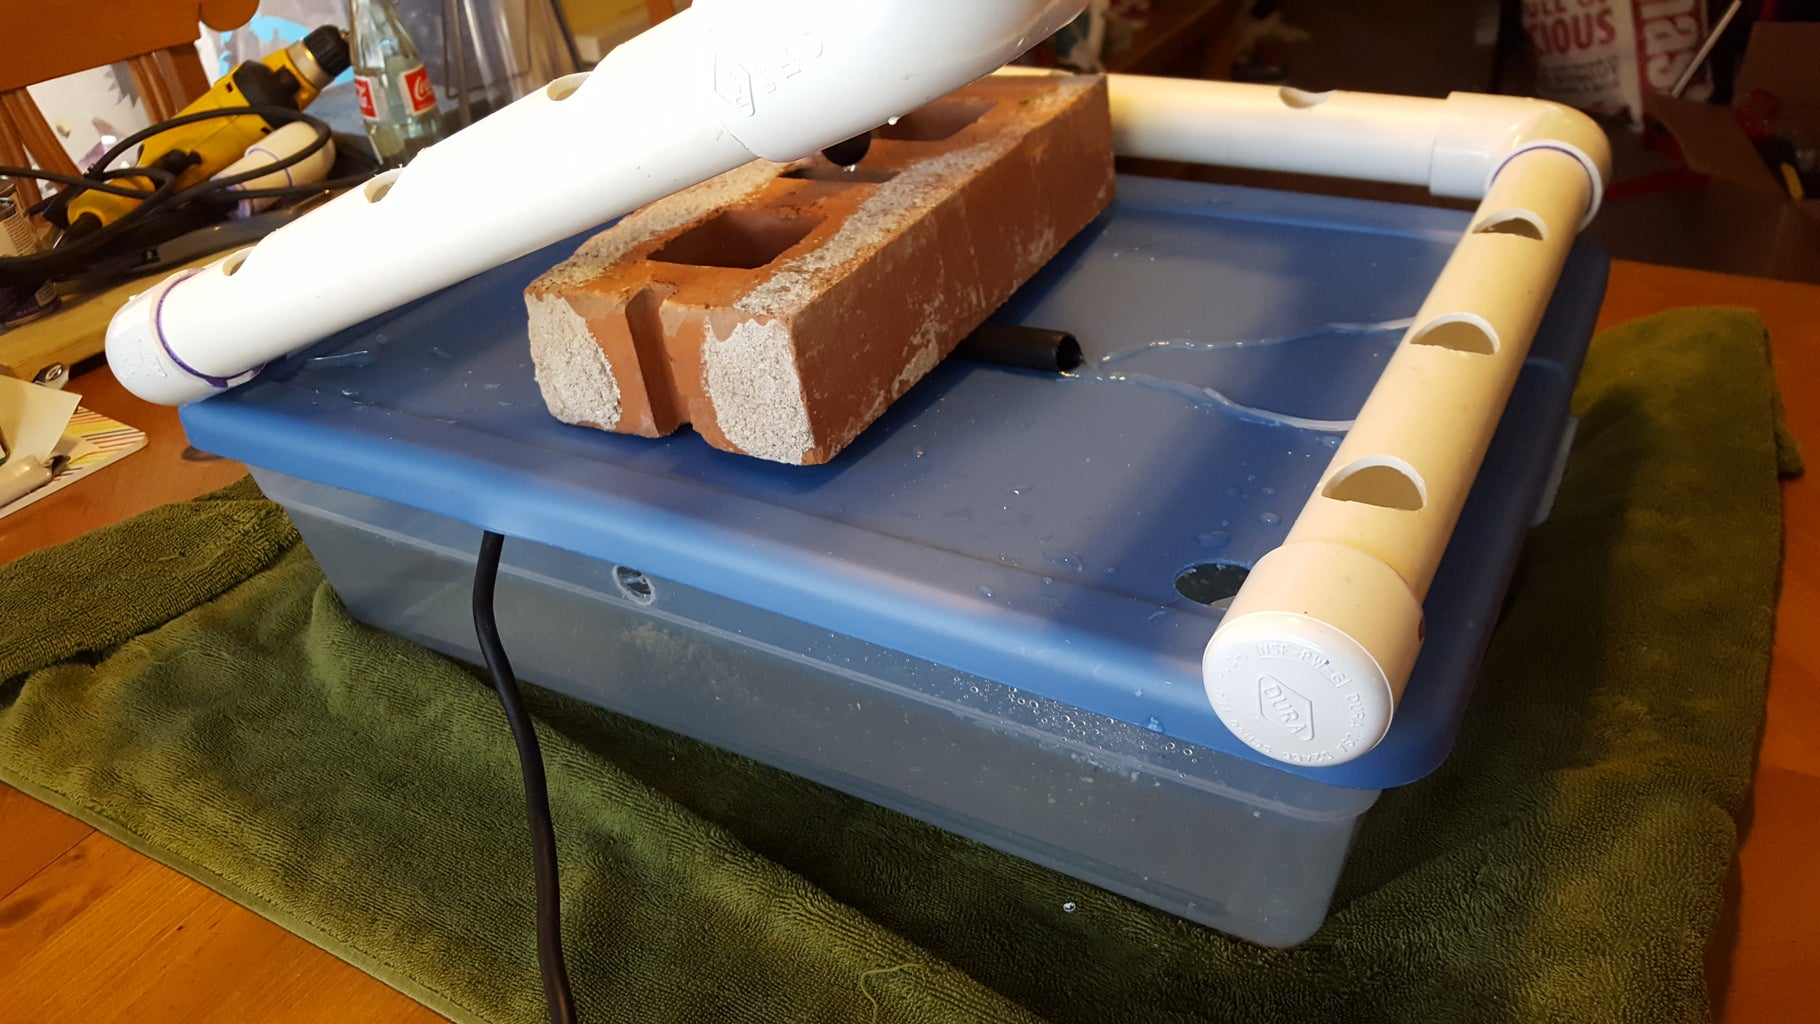 Prepare Plumbing and Assemble